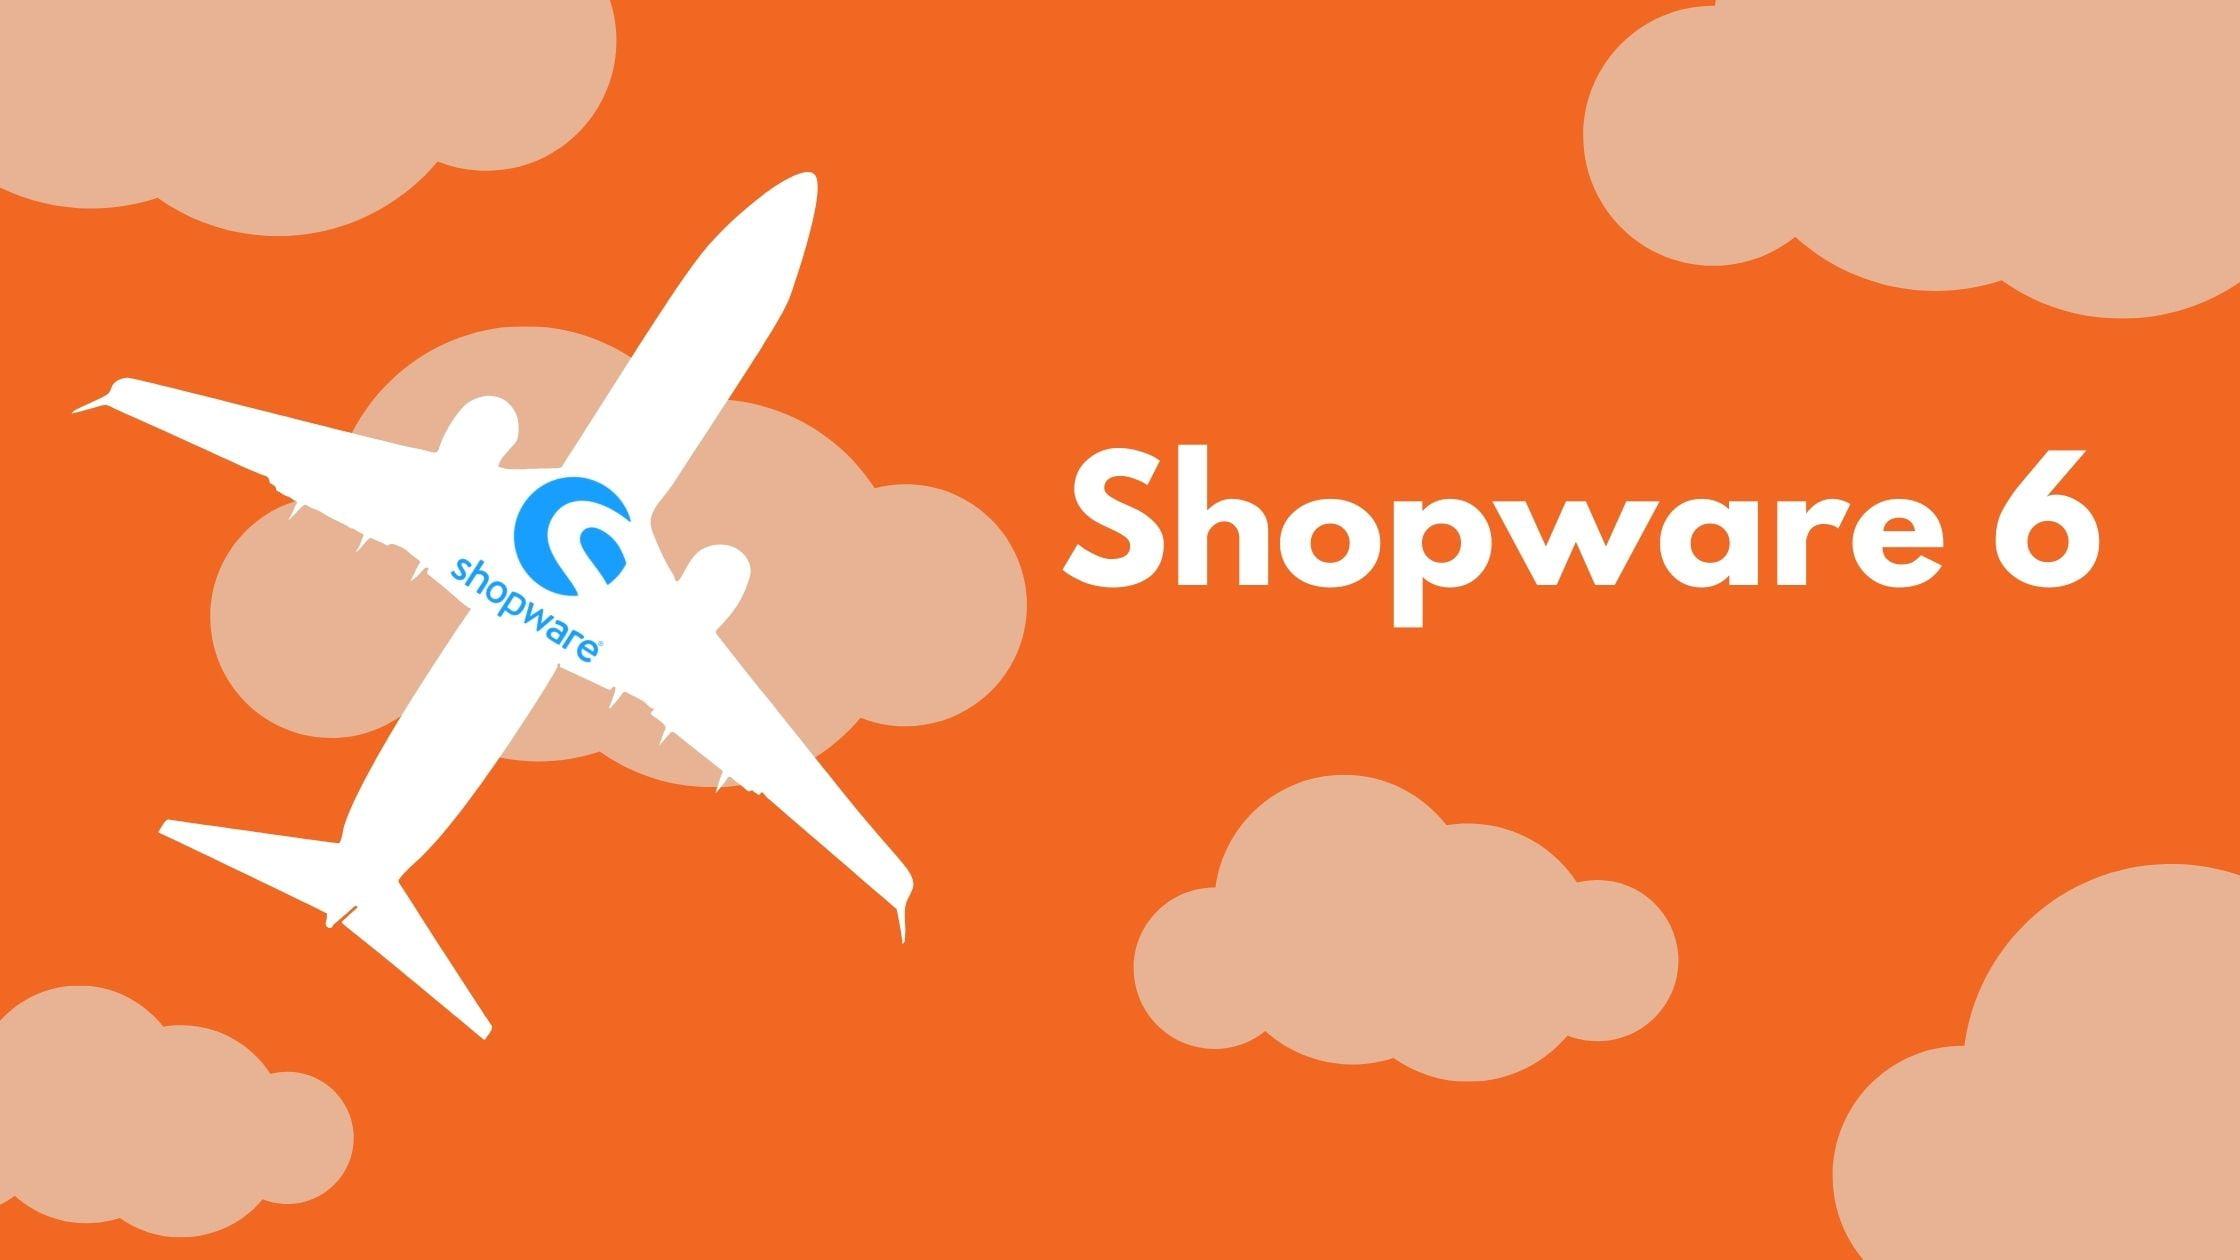 Is Shopware 6 een juiste keuze voor mijn webshop?